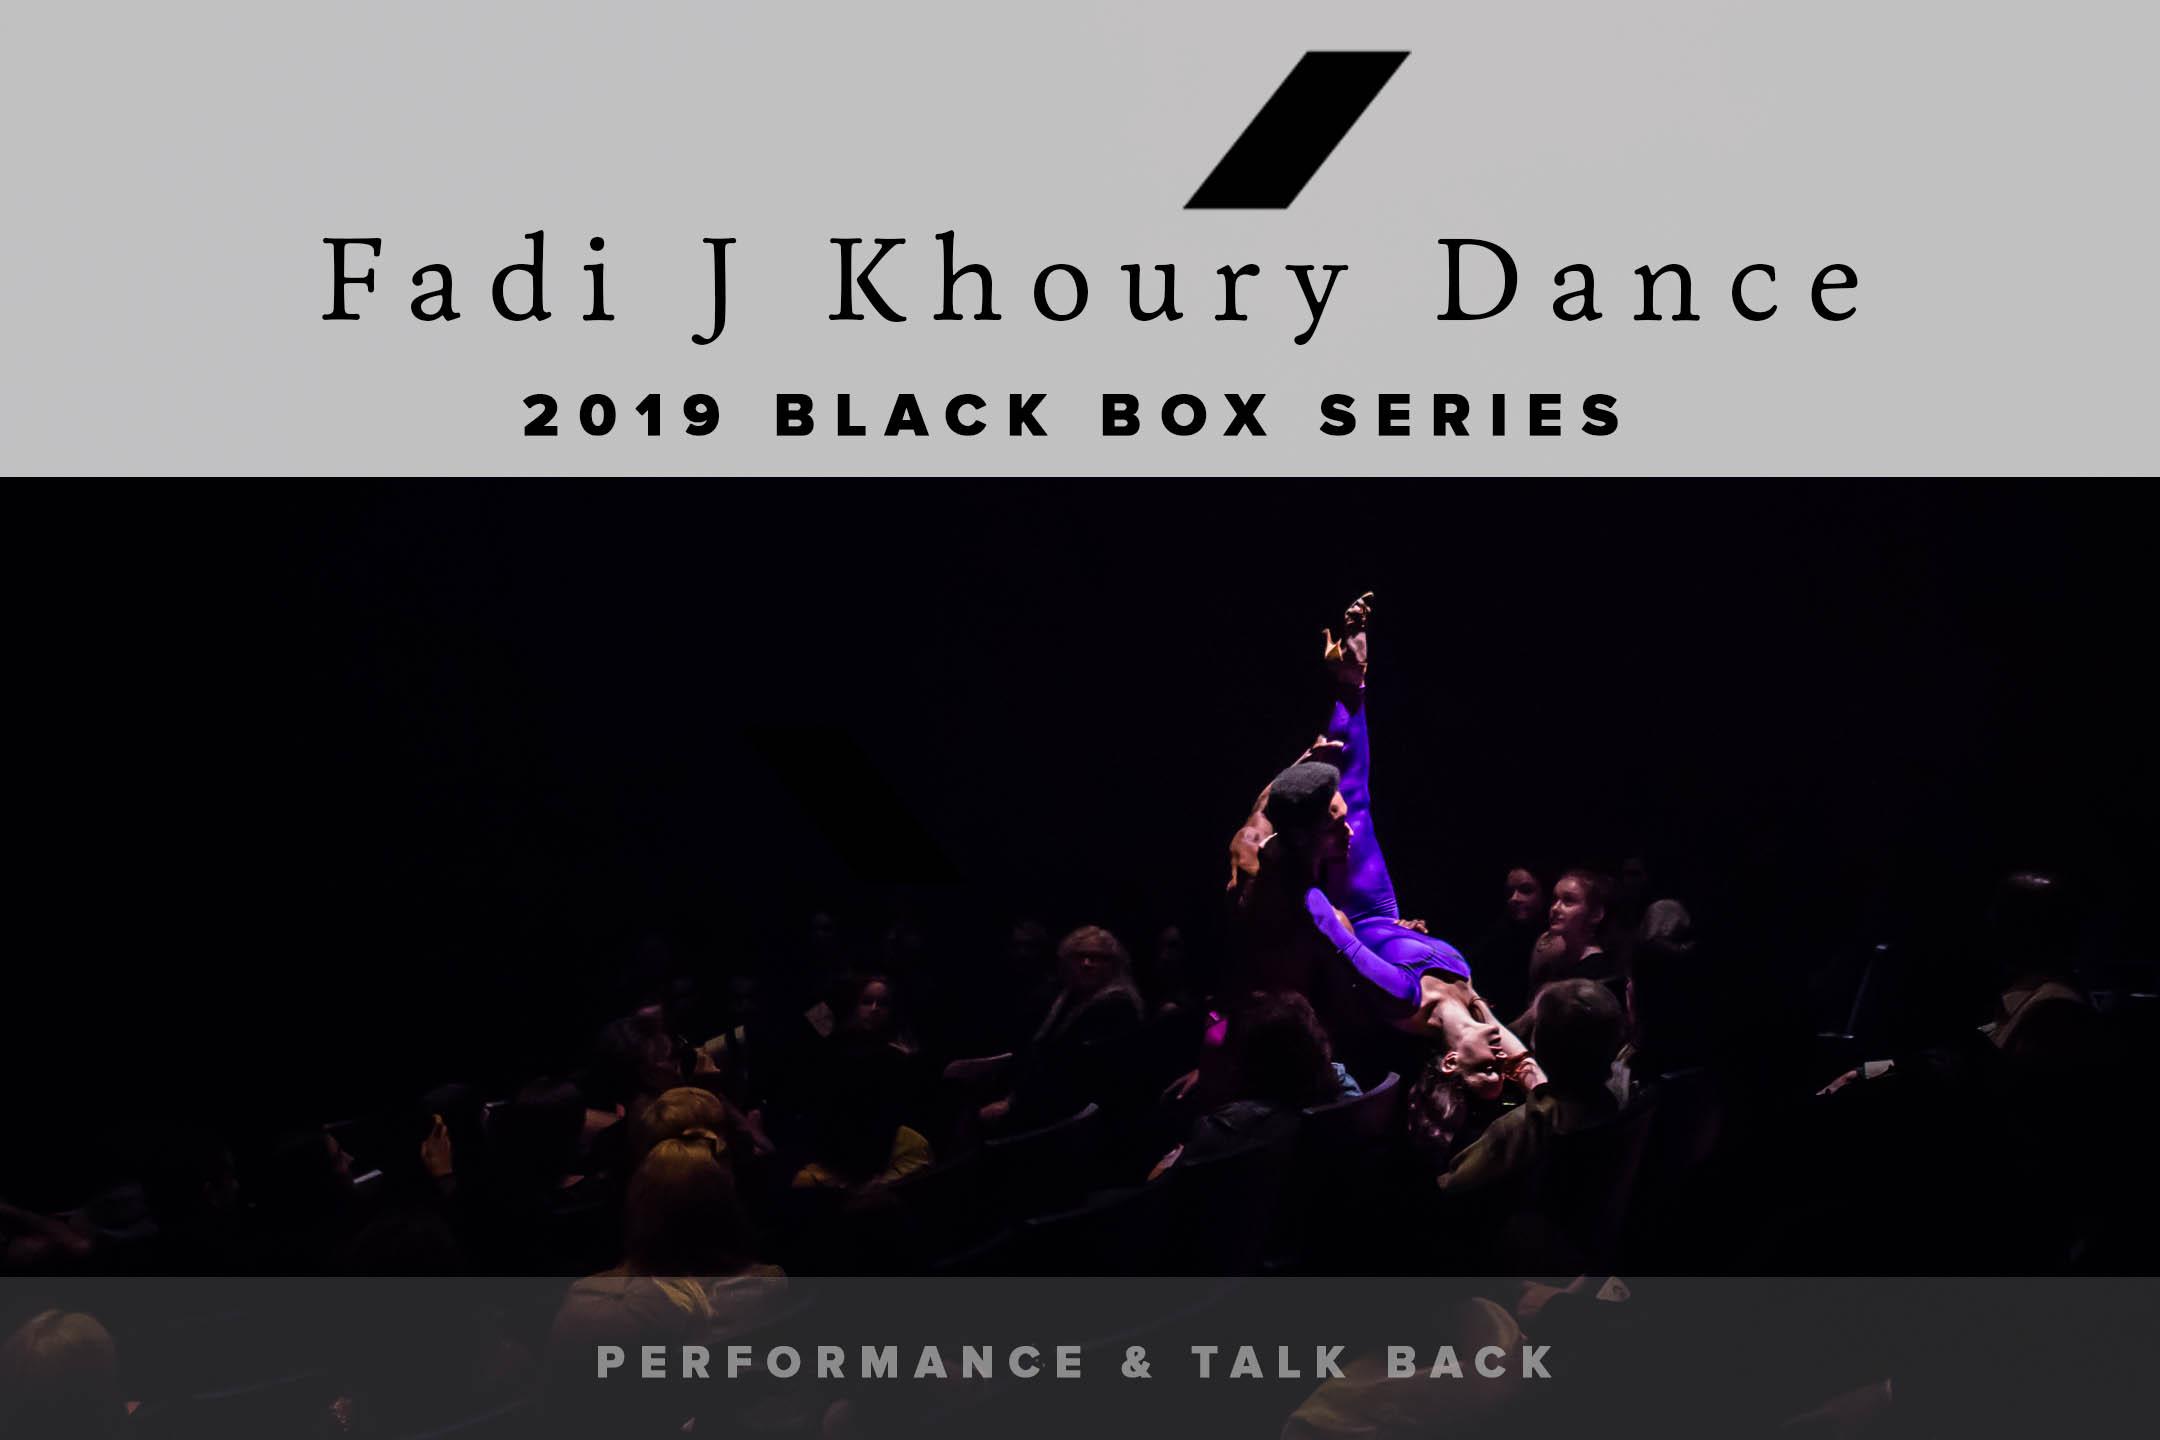 FJK black box series 2019.jpg